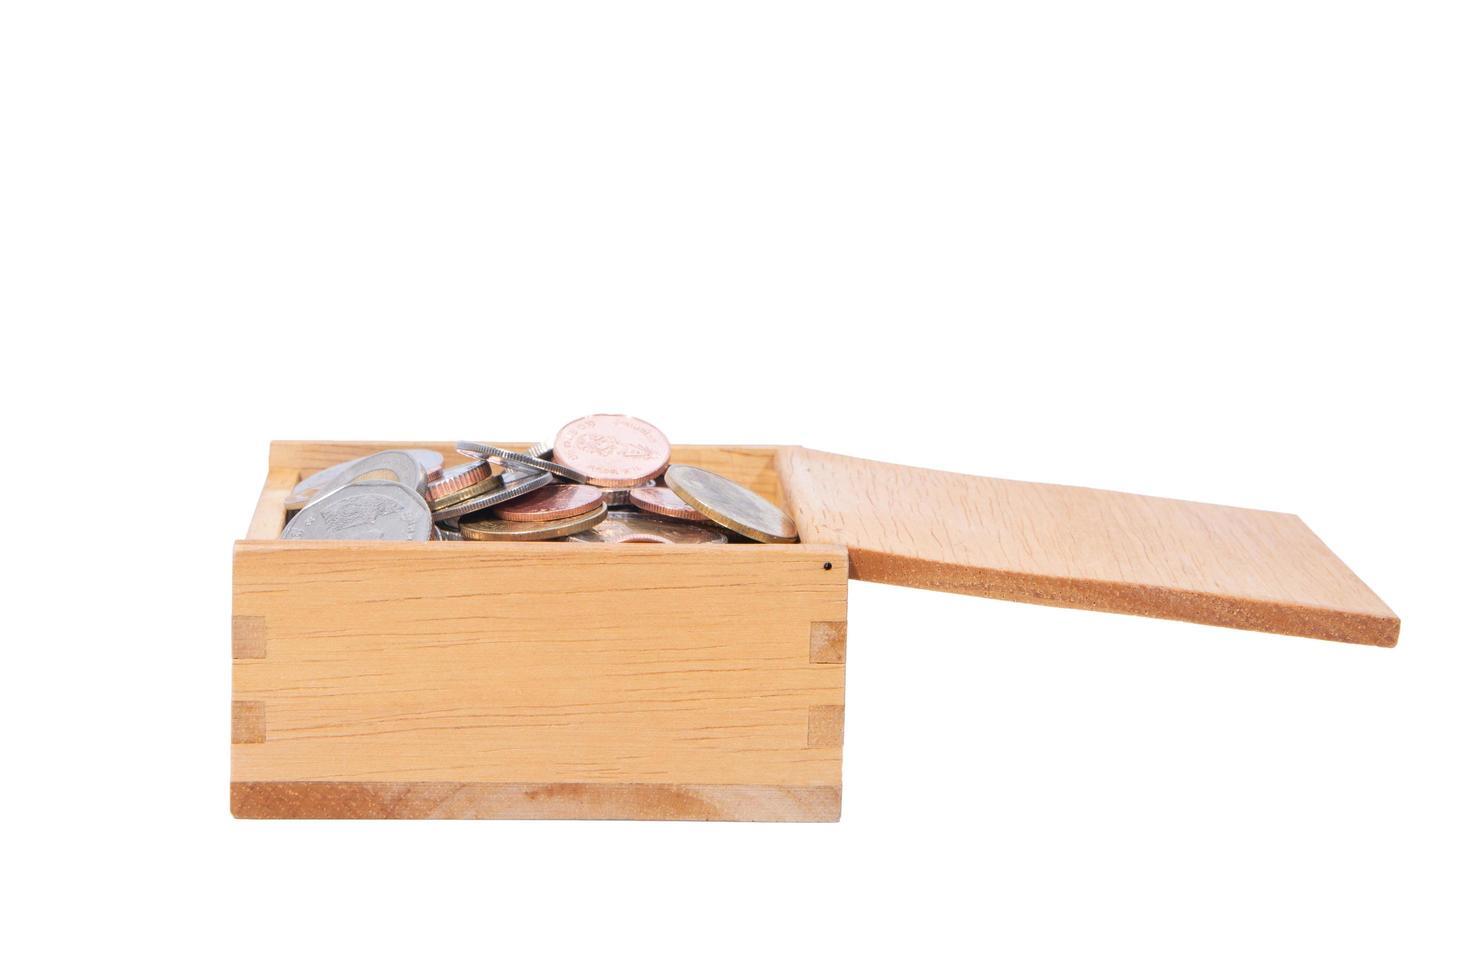 monedas en una caja de madera foto